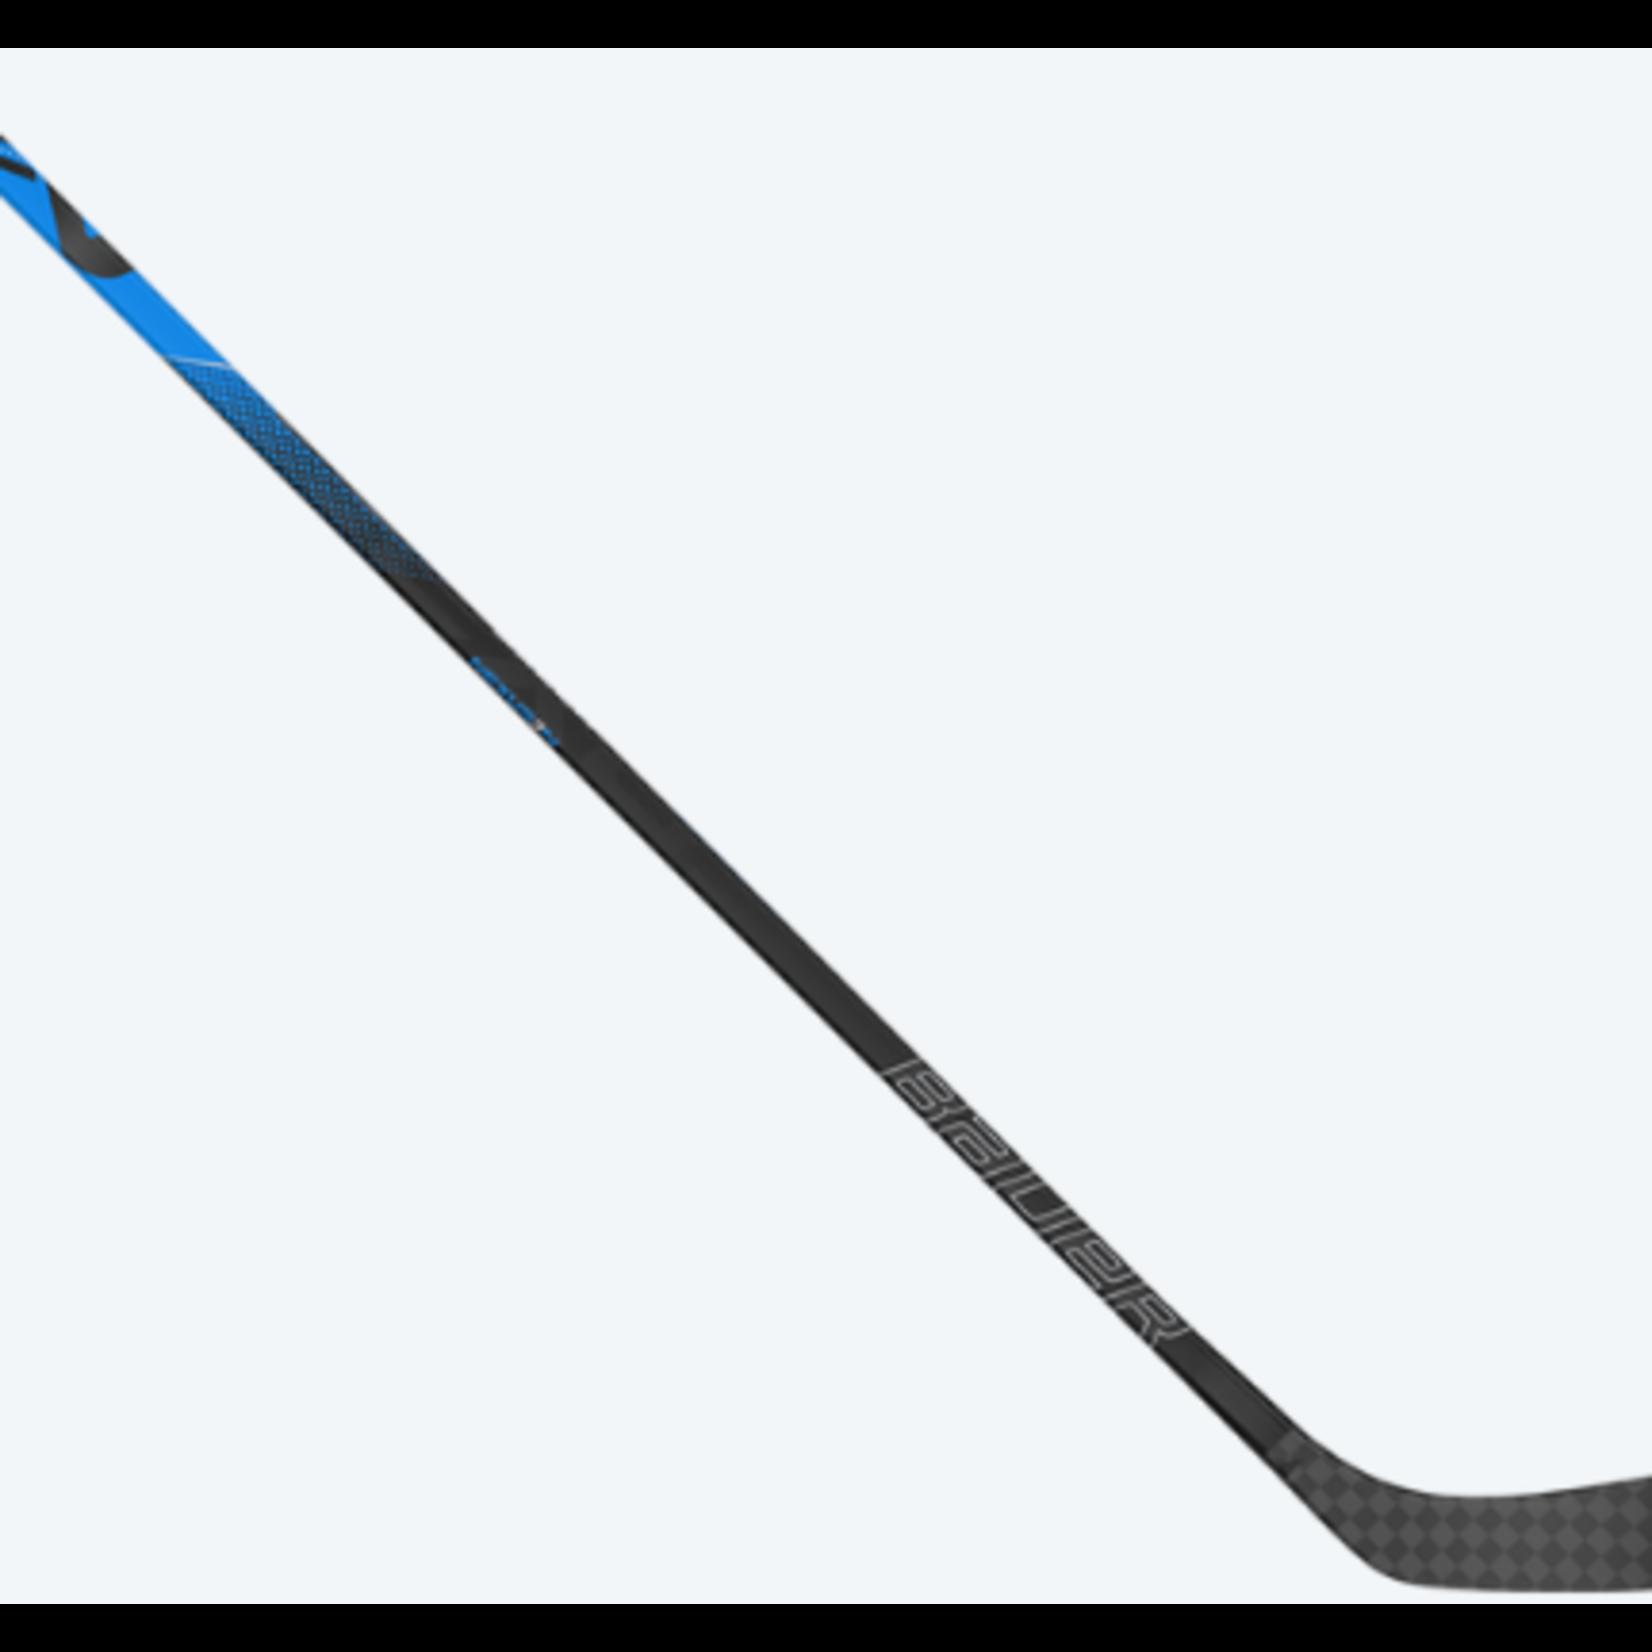 Bauer S21 Nexus 3N Grip Stick Jr - 40